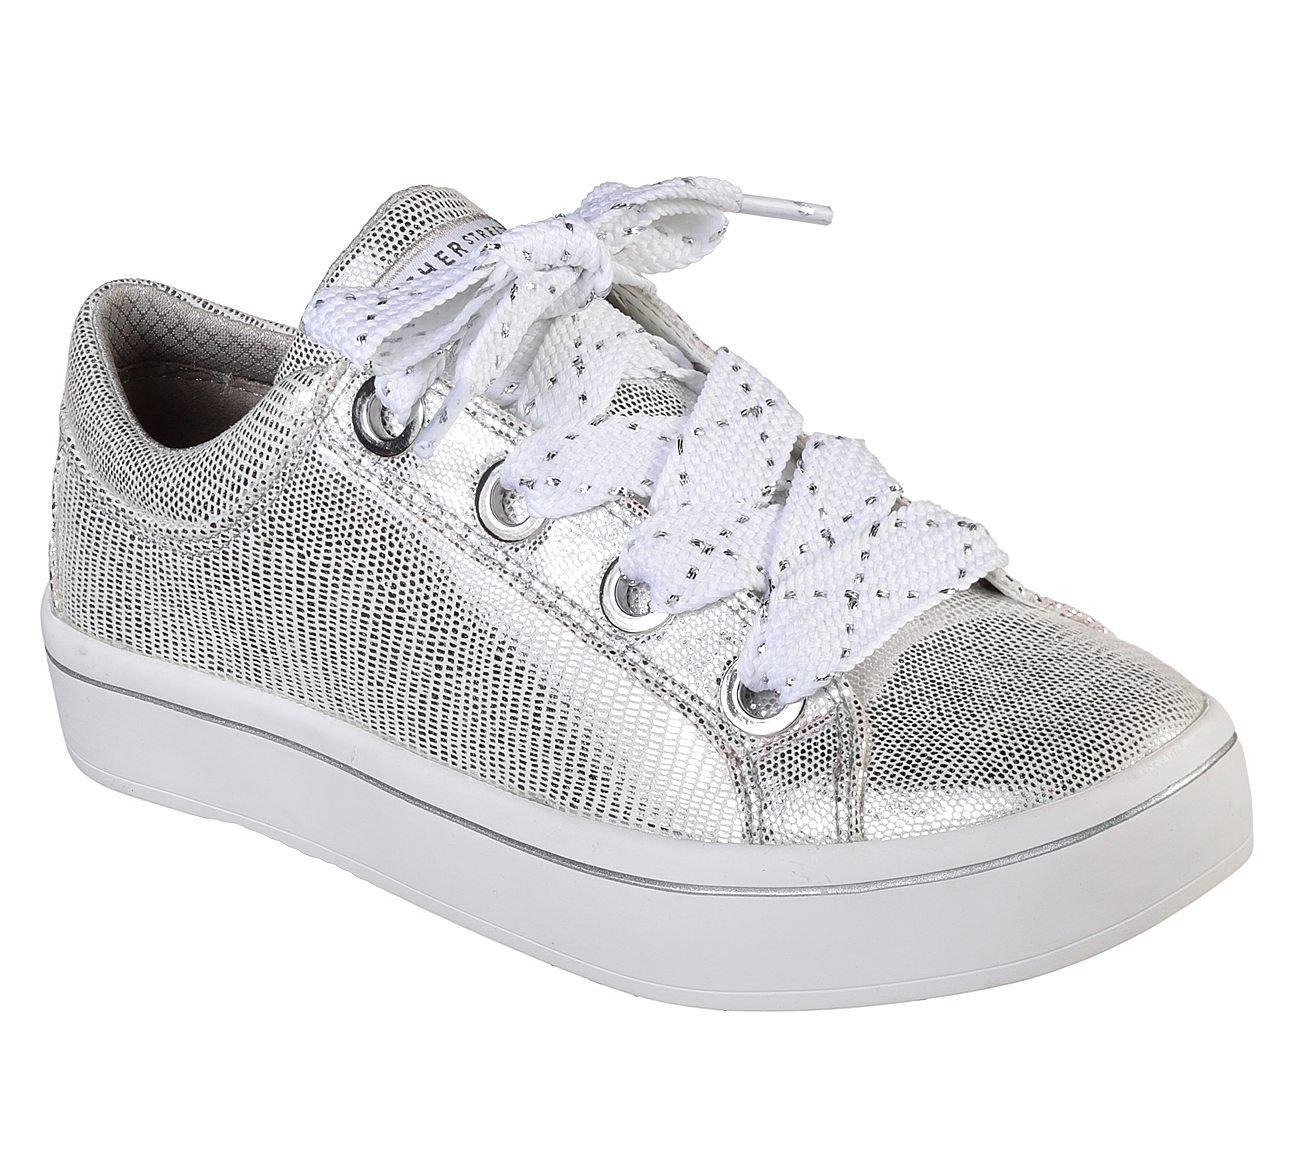 Skechers Women's Hi-Lite-Reptile Metallic Sneaker B075ZY7JLX 11 B(M) US|White/Silver